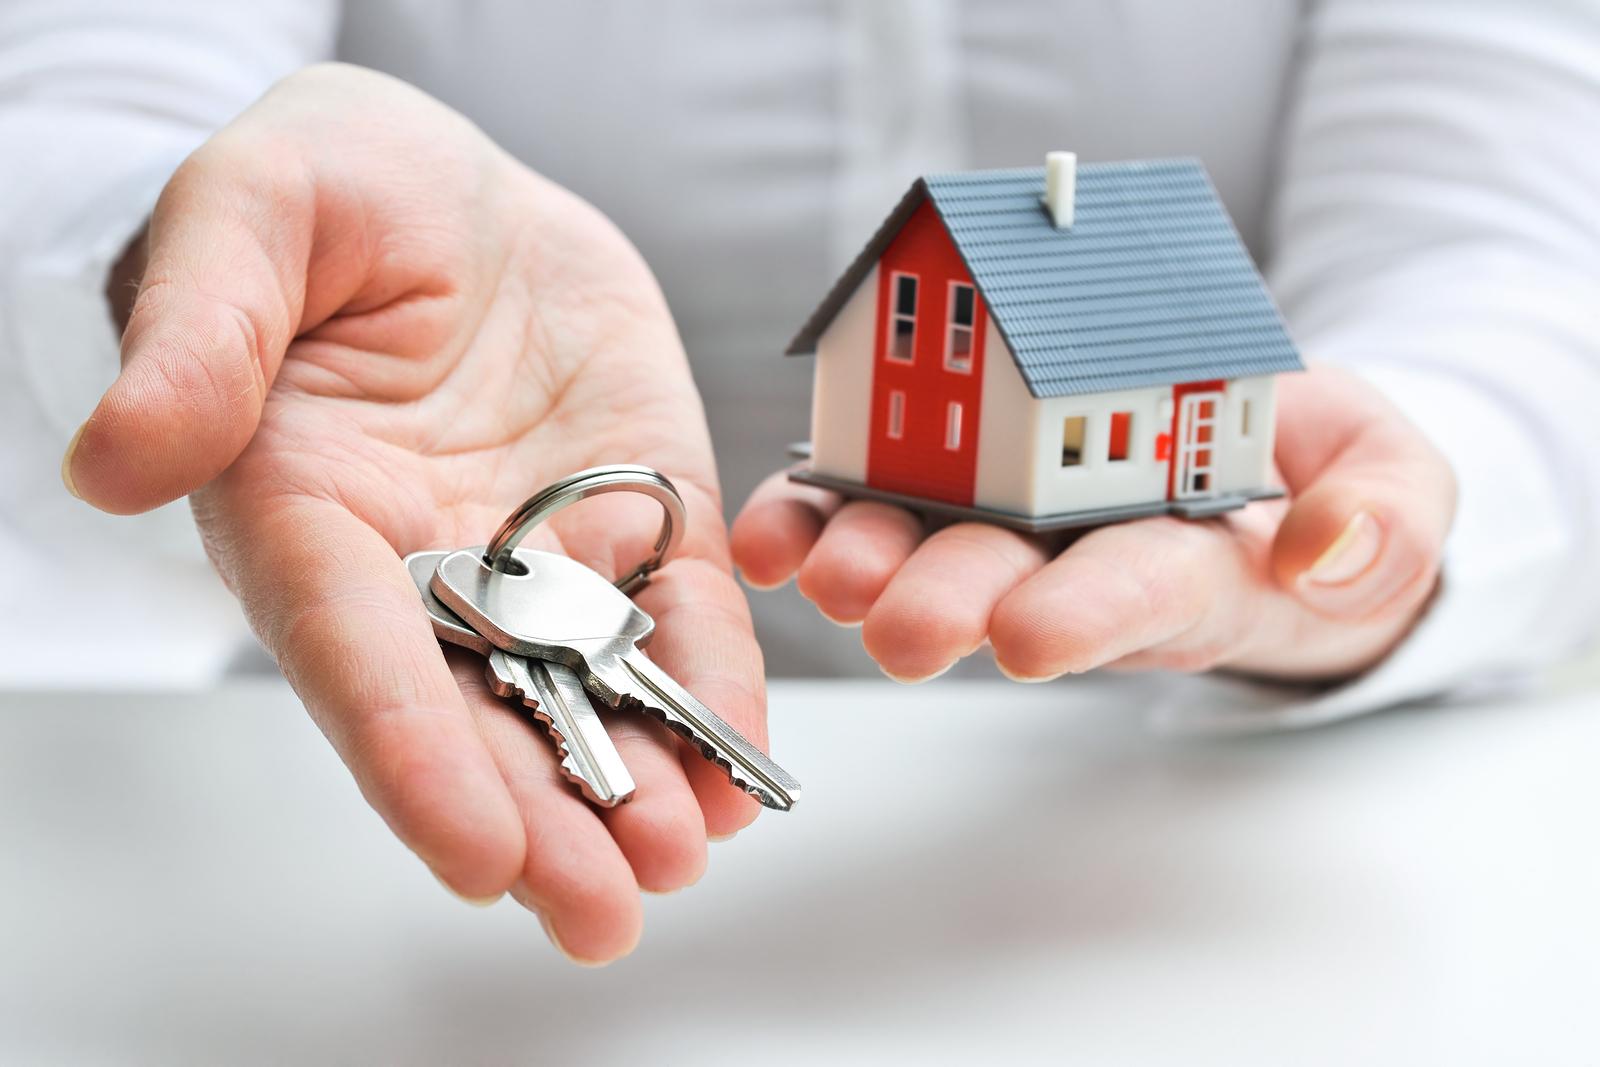 По вопросам получения жилья следует обращаться с заявлением в органы региональной власти